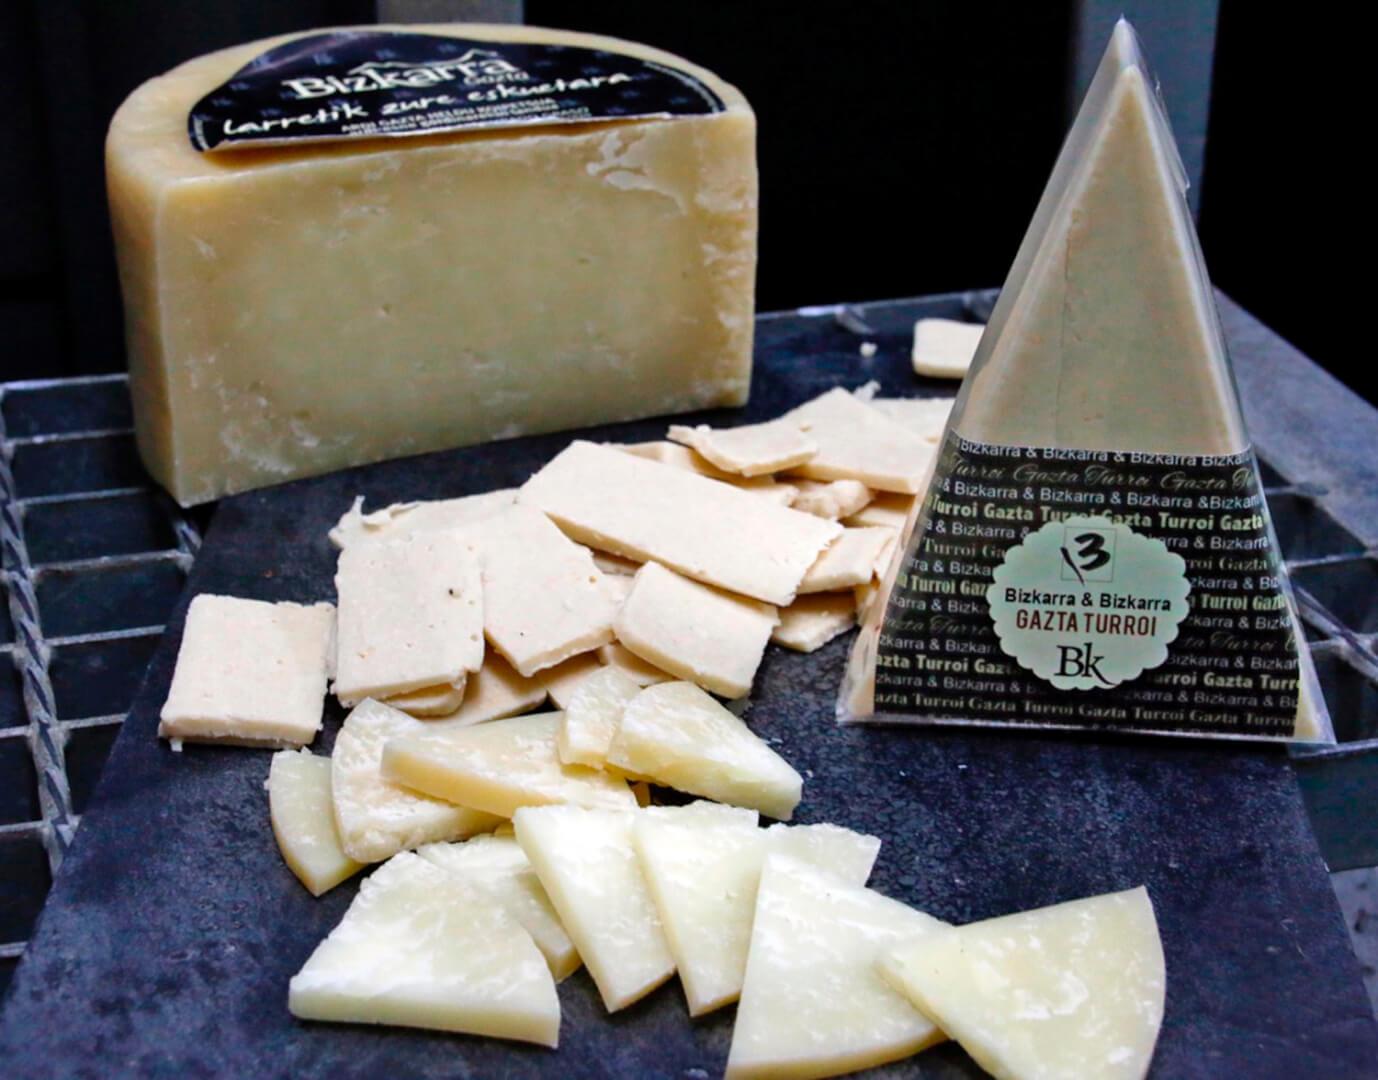 turron de queso bizkarra